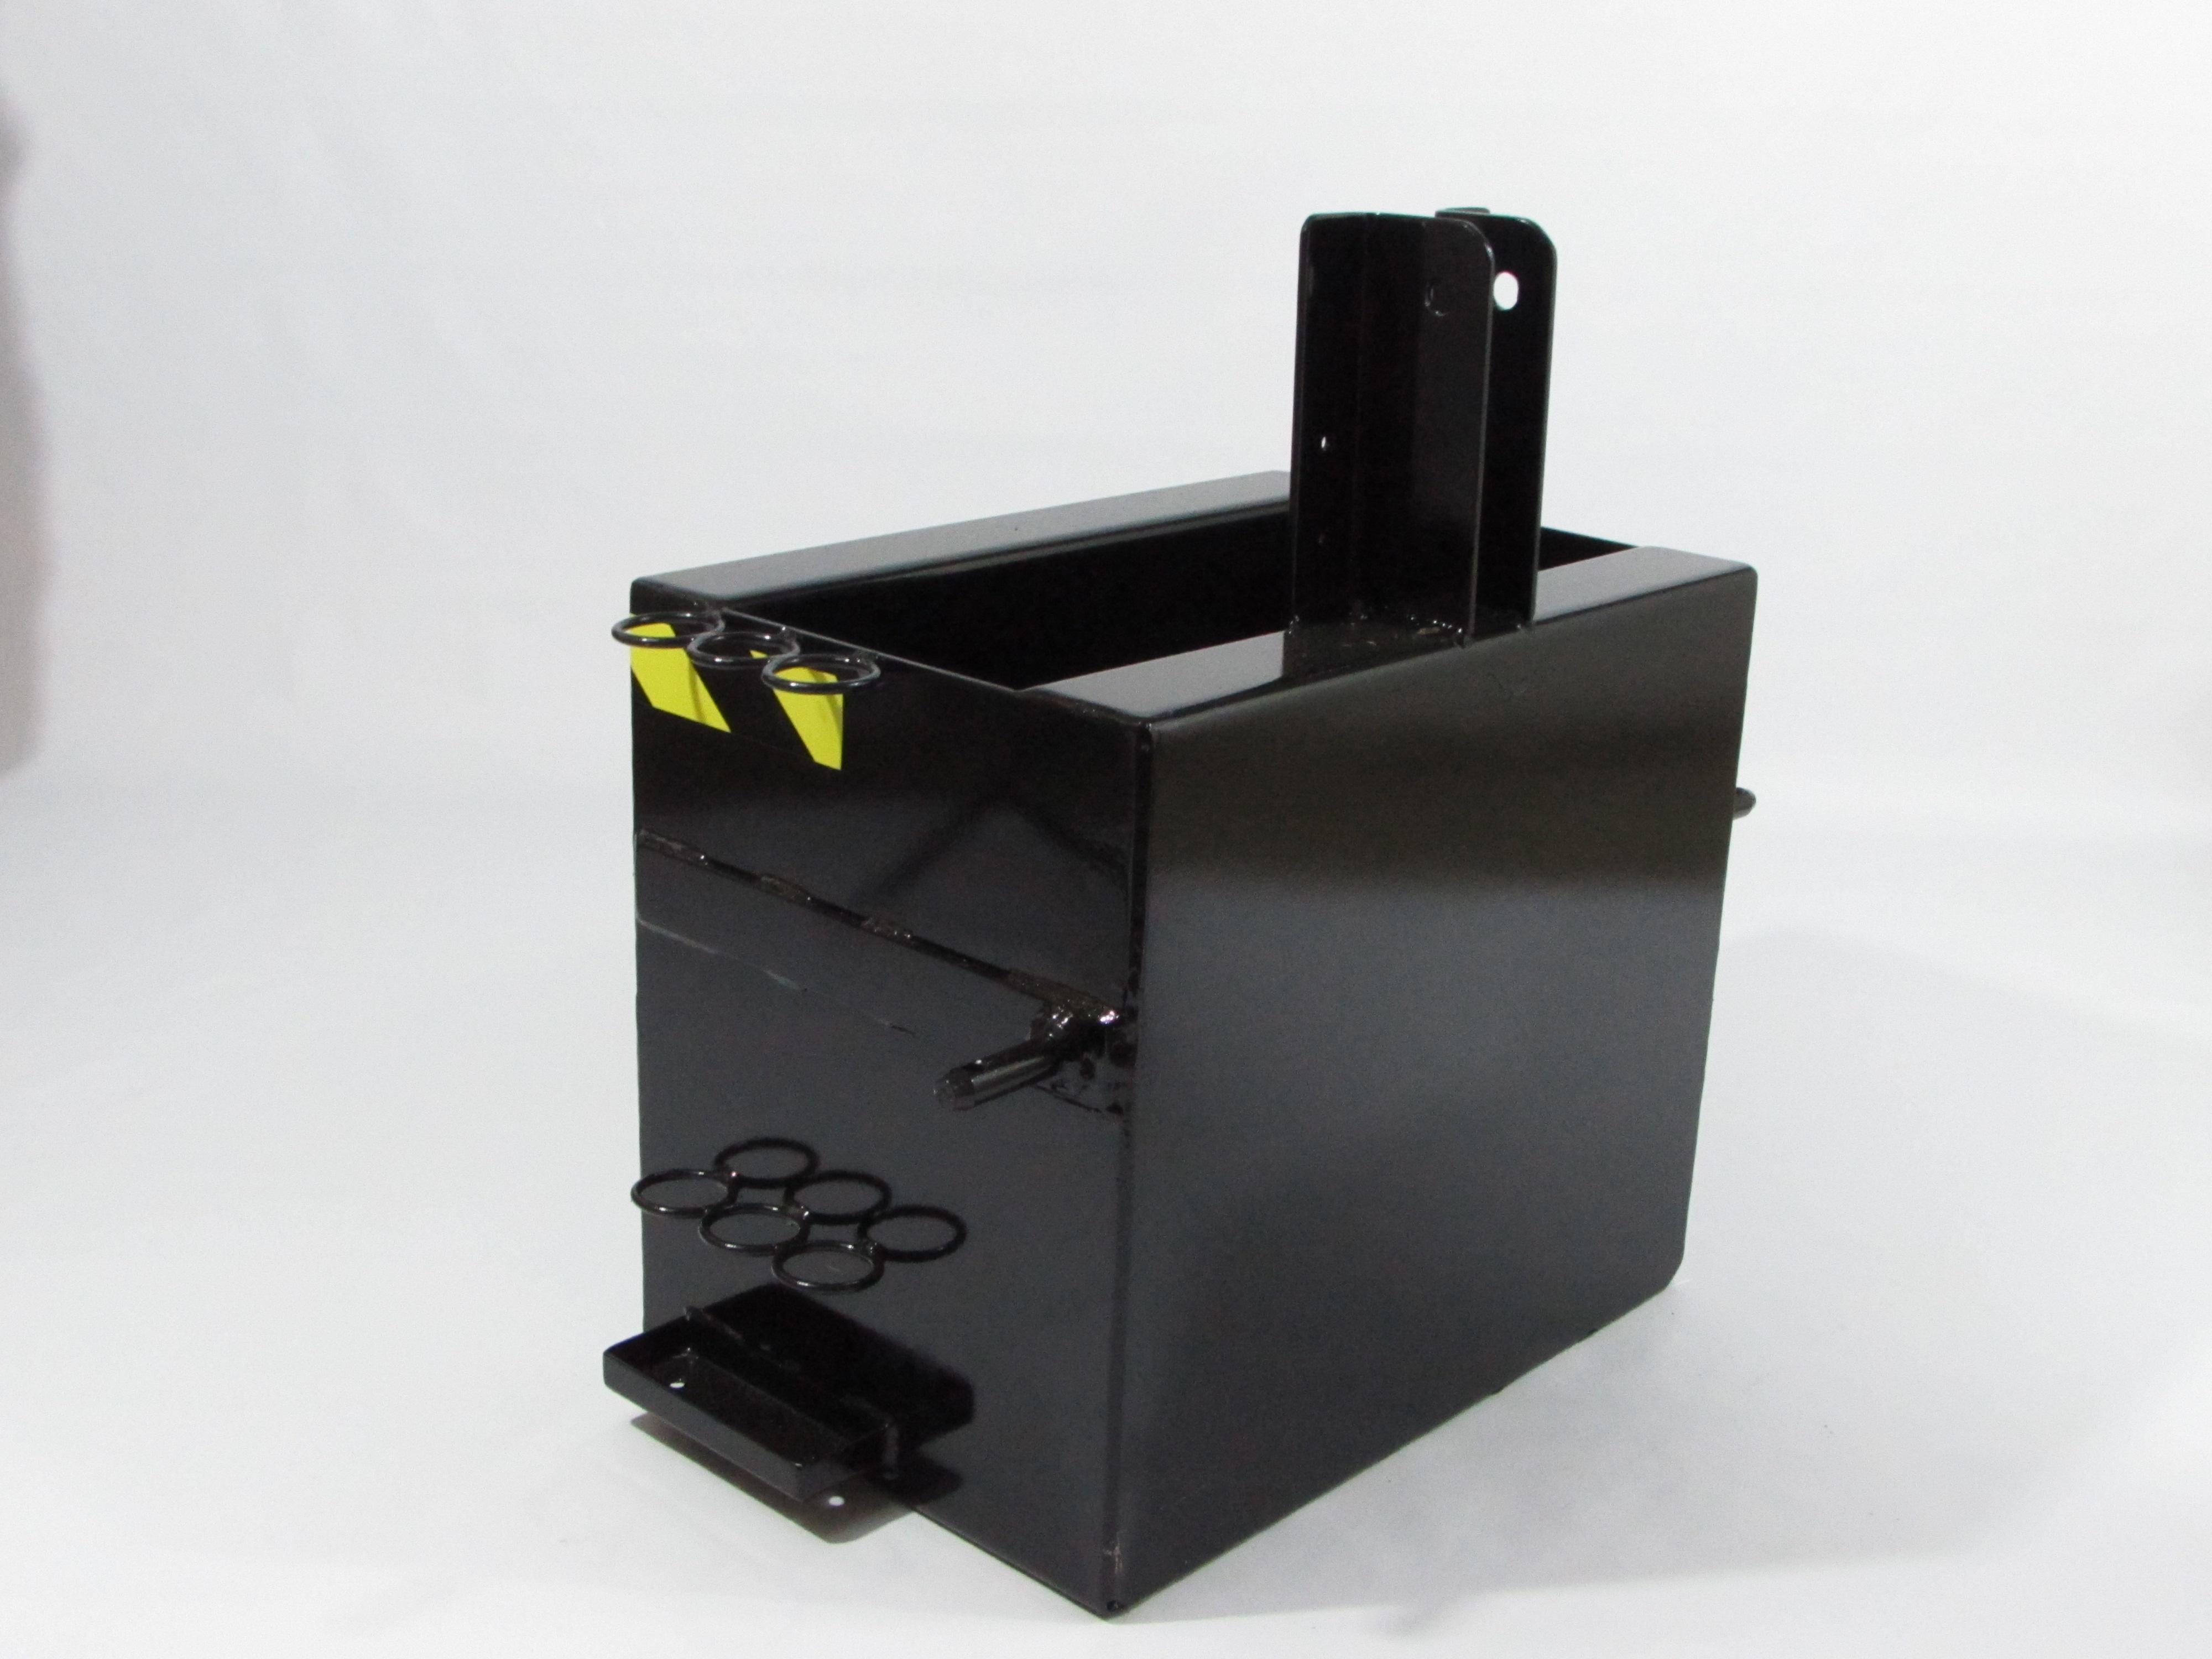 Tractor Ballast Box : Ballast box for compact tractors earth and turf attachments